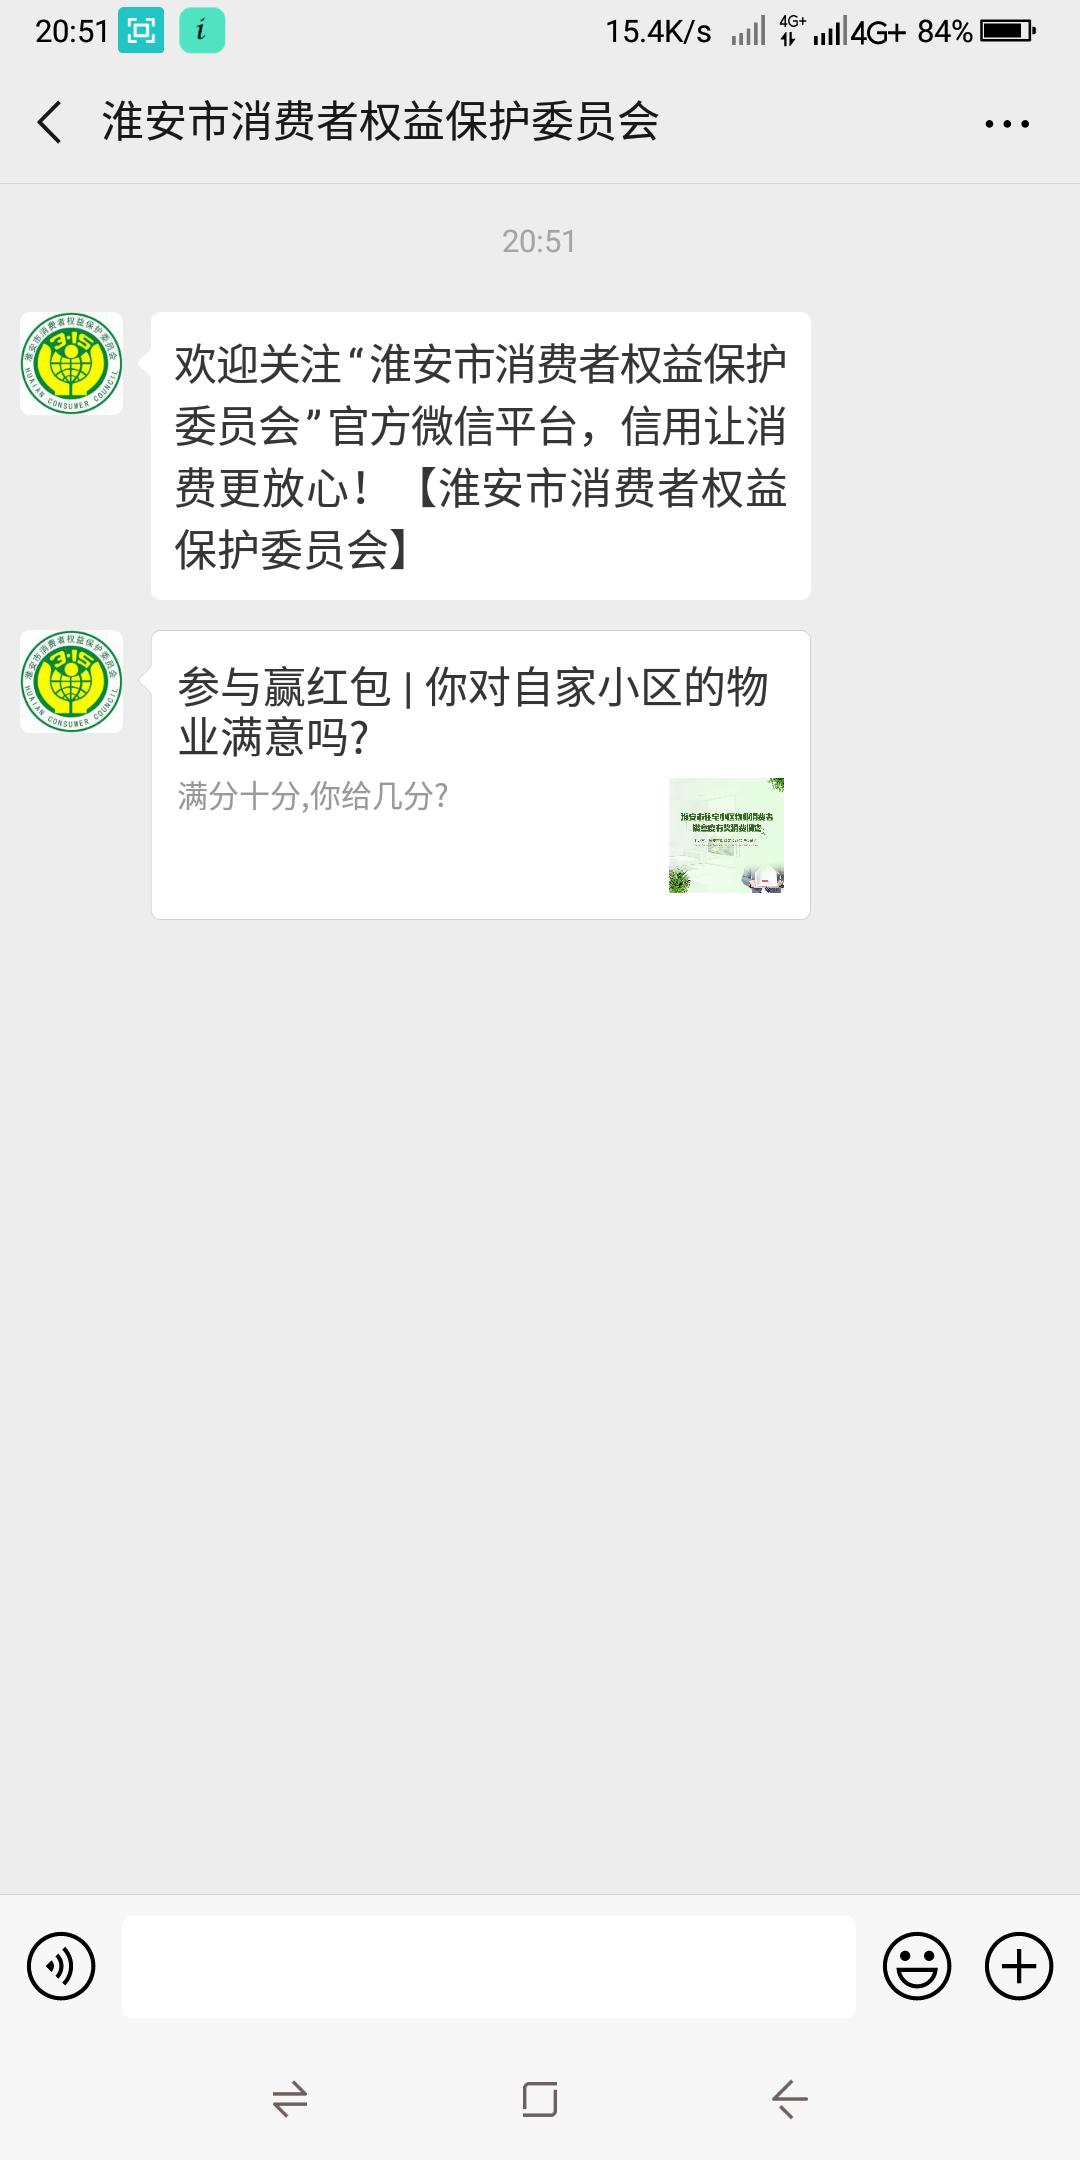 【现金红包】淮安市消费者权益-www.im86.com